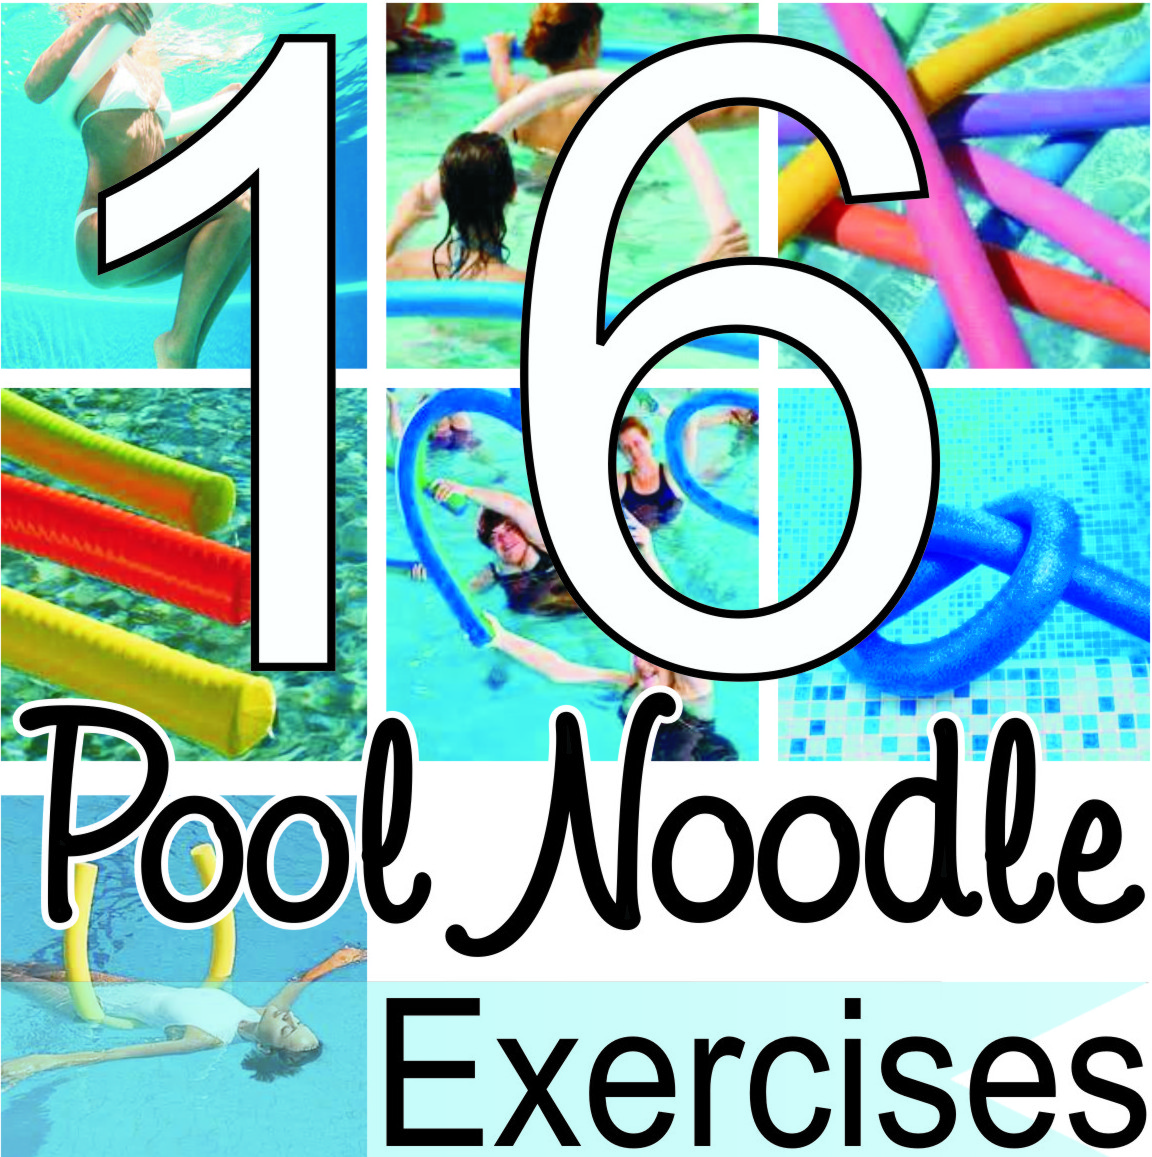 Victoria Lavender 16 Pool Noodle Exercises